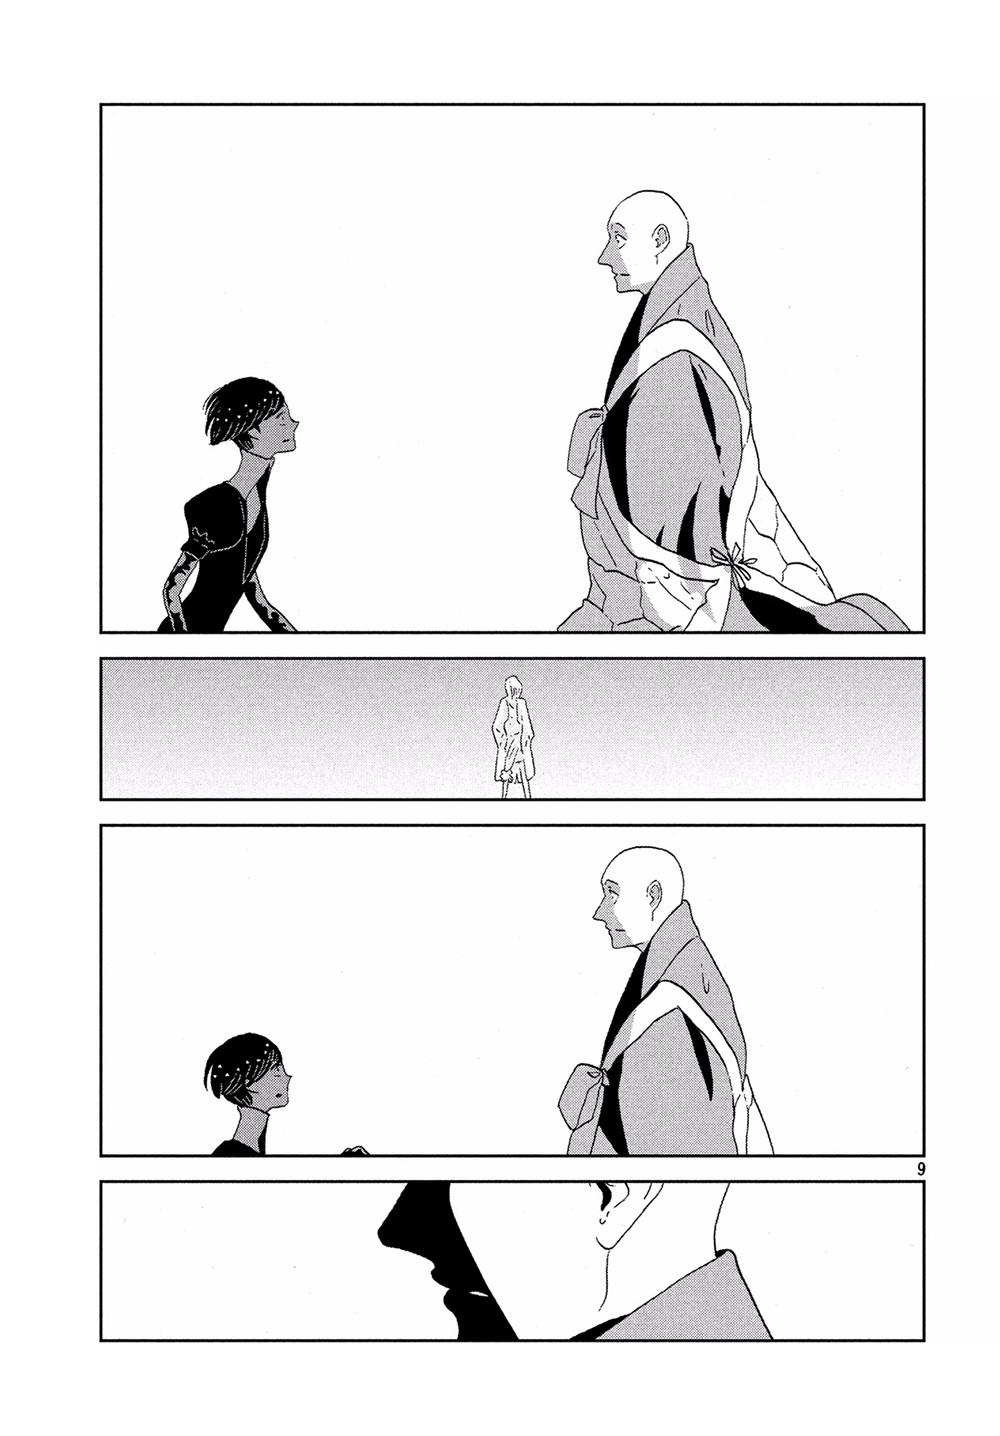 Houseki no Kuni - Chapter 51